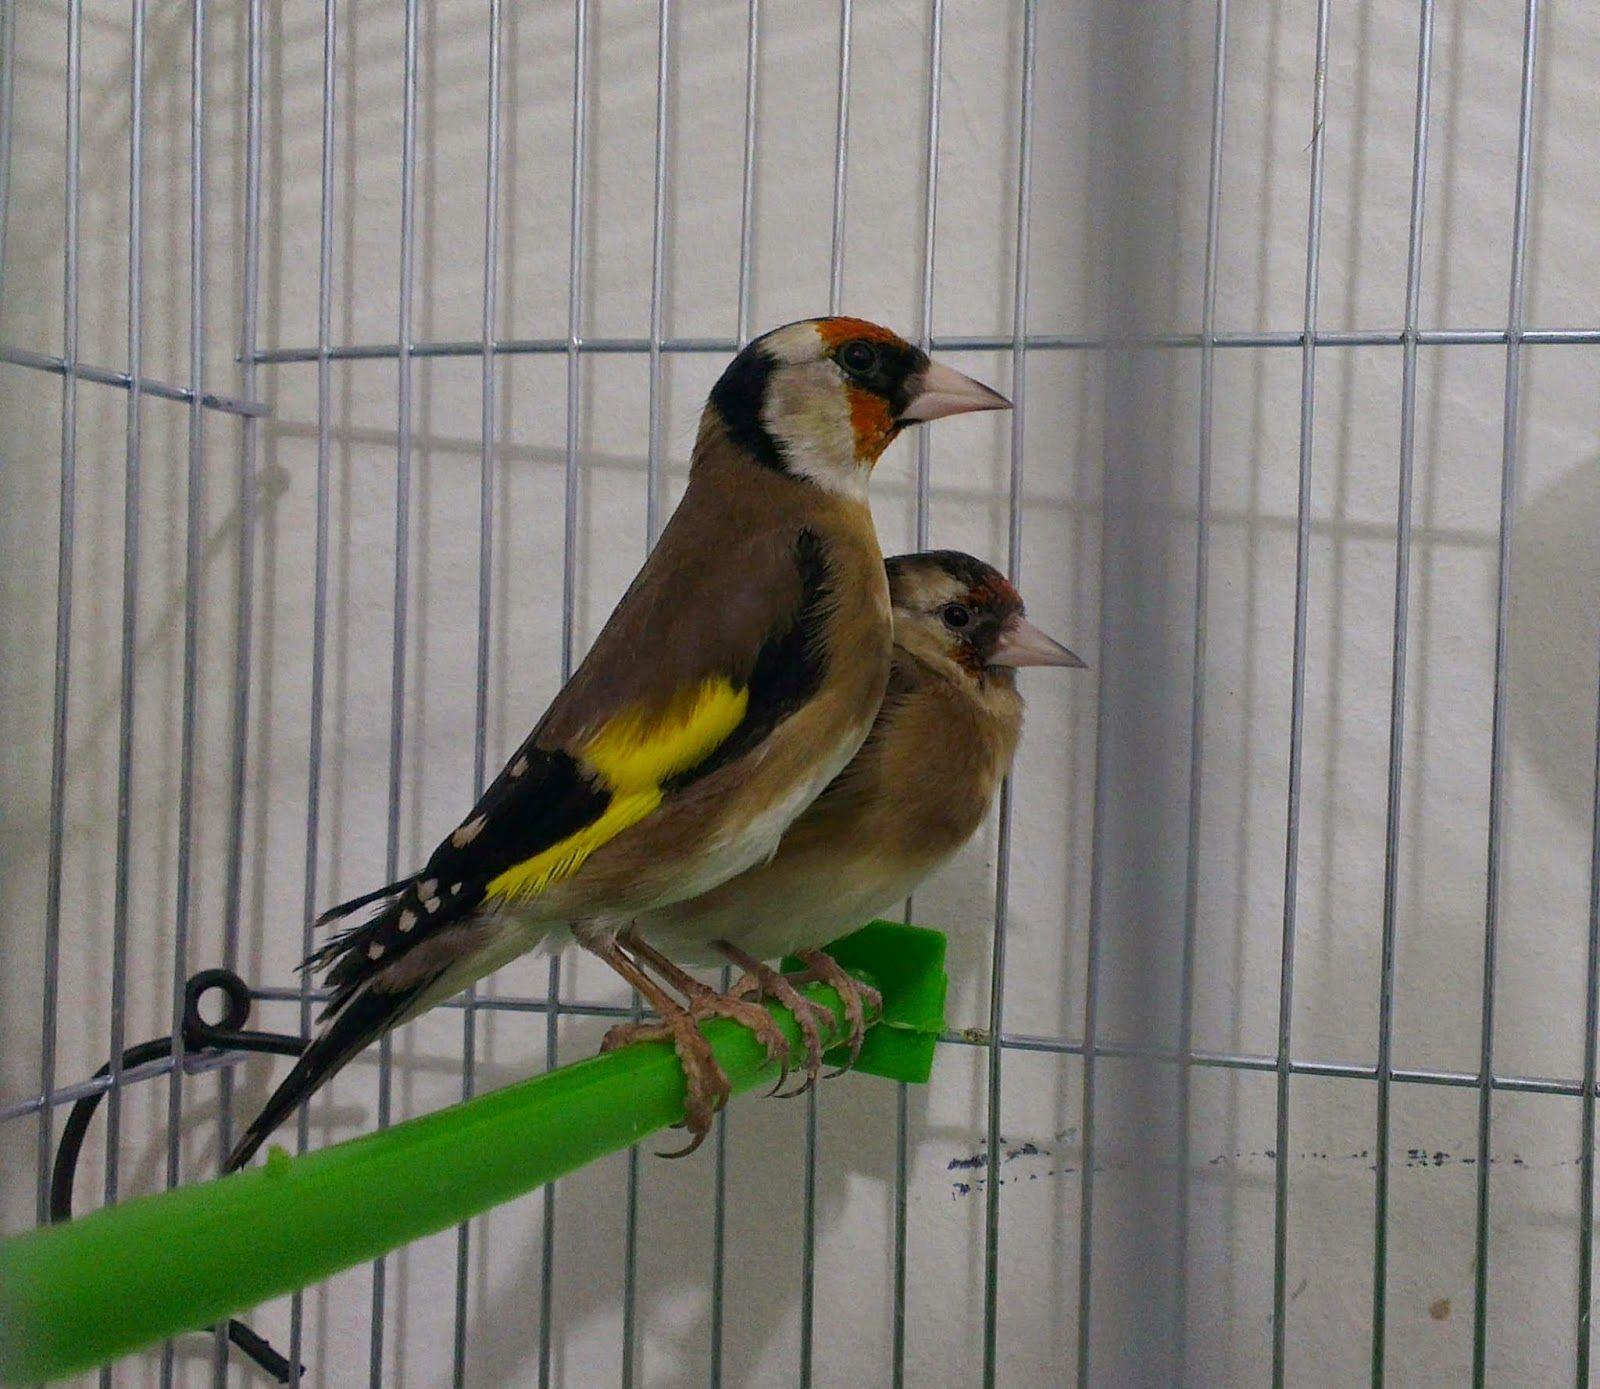 محترف تربية طائر الحسون تجهيز أنثى و ذكر الحسون لموسم التزاوج ج1 Animals Bird Parrot